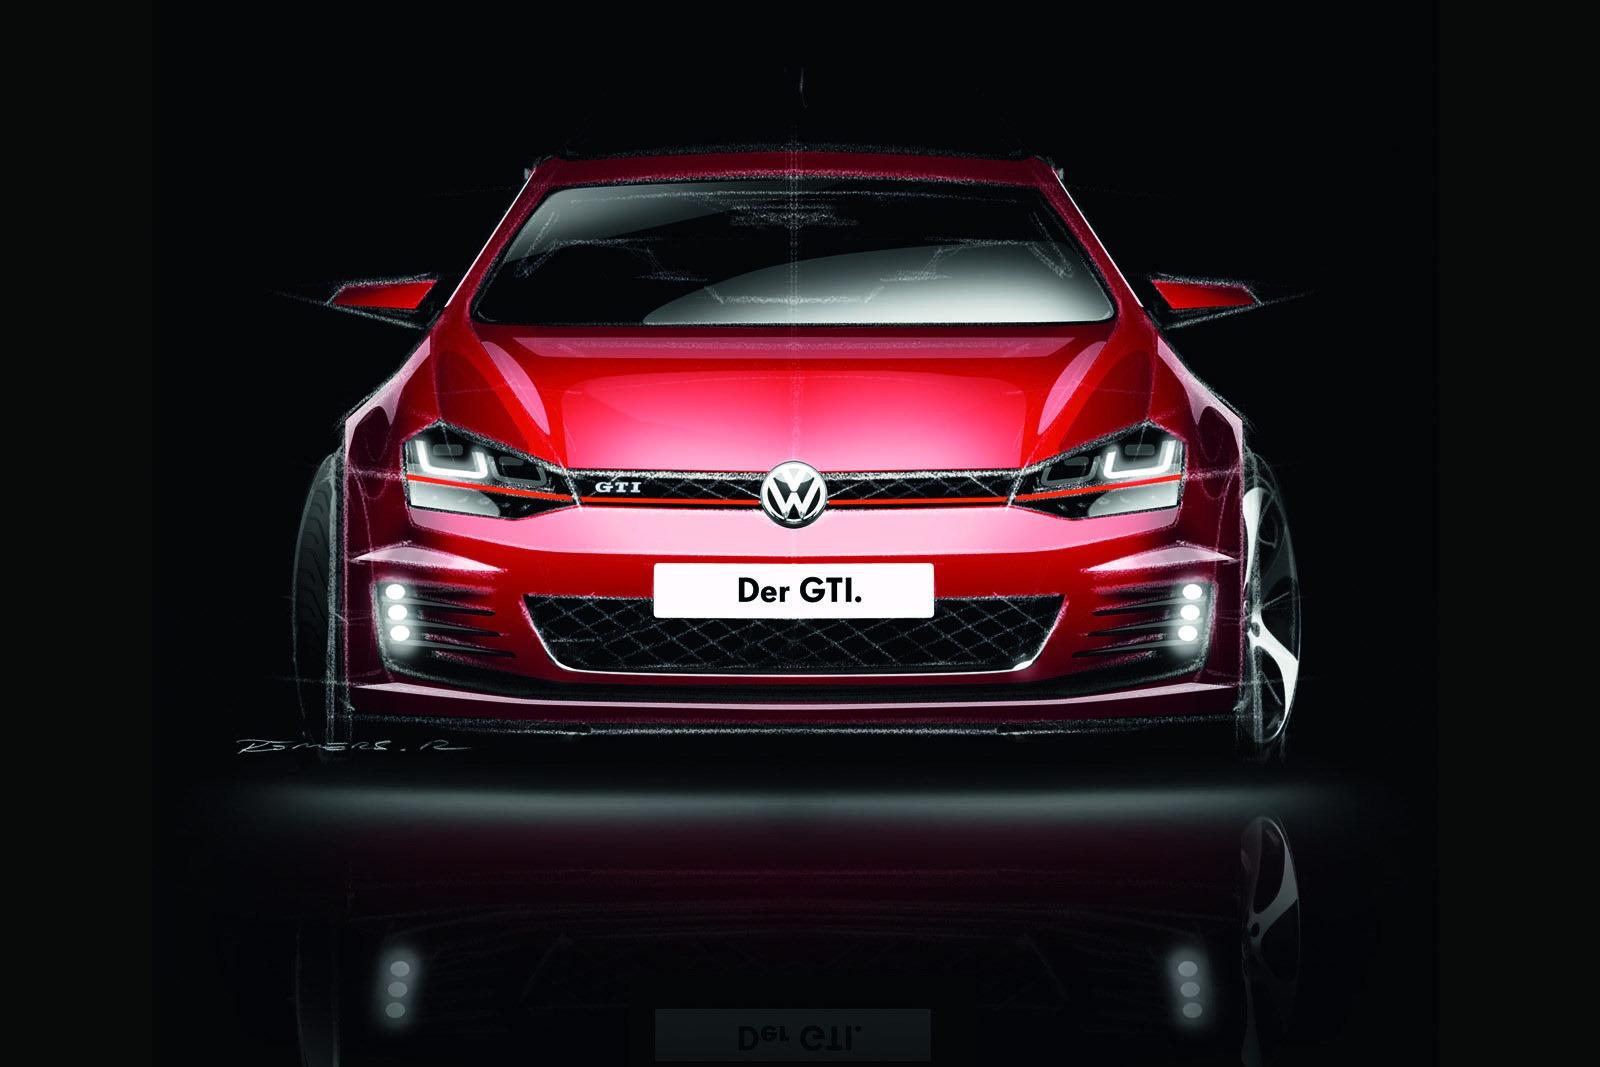 2014 VW Golf GTI 30 O novo VW Golf GTI